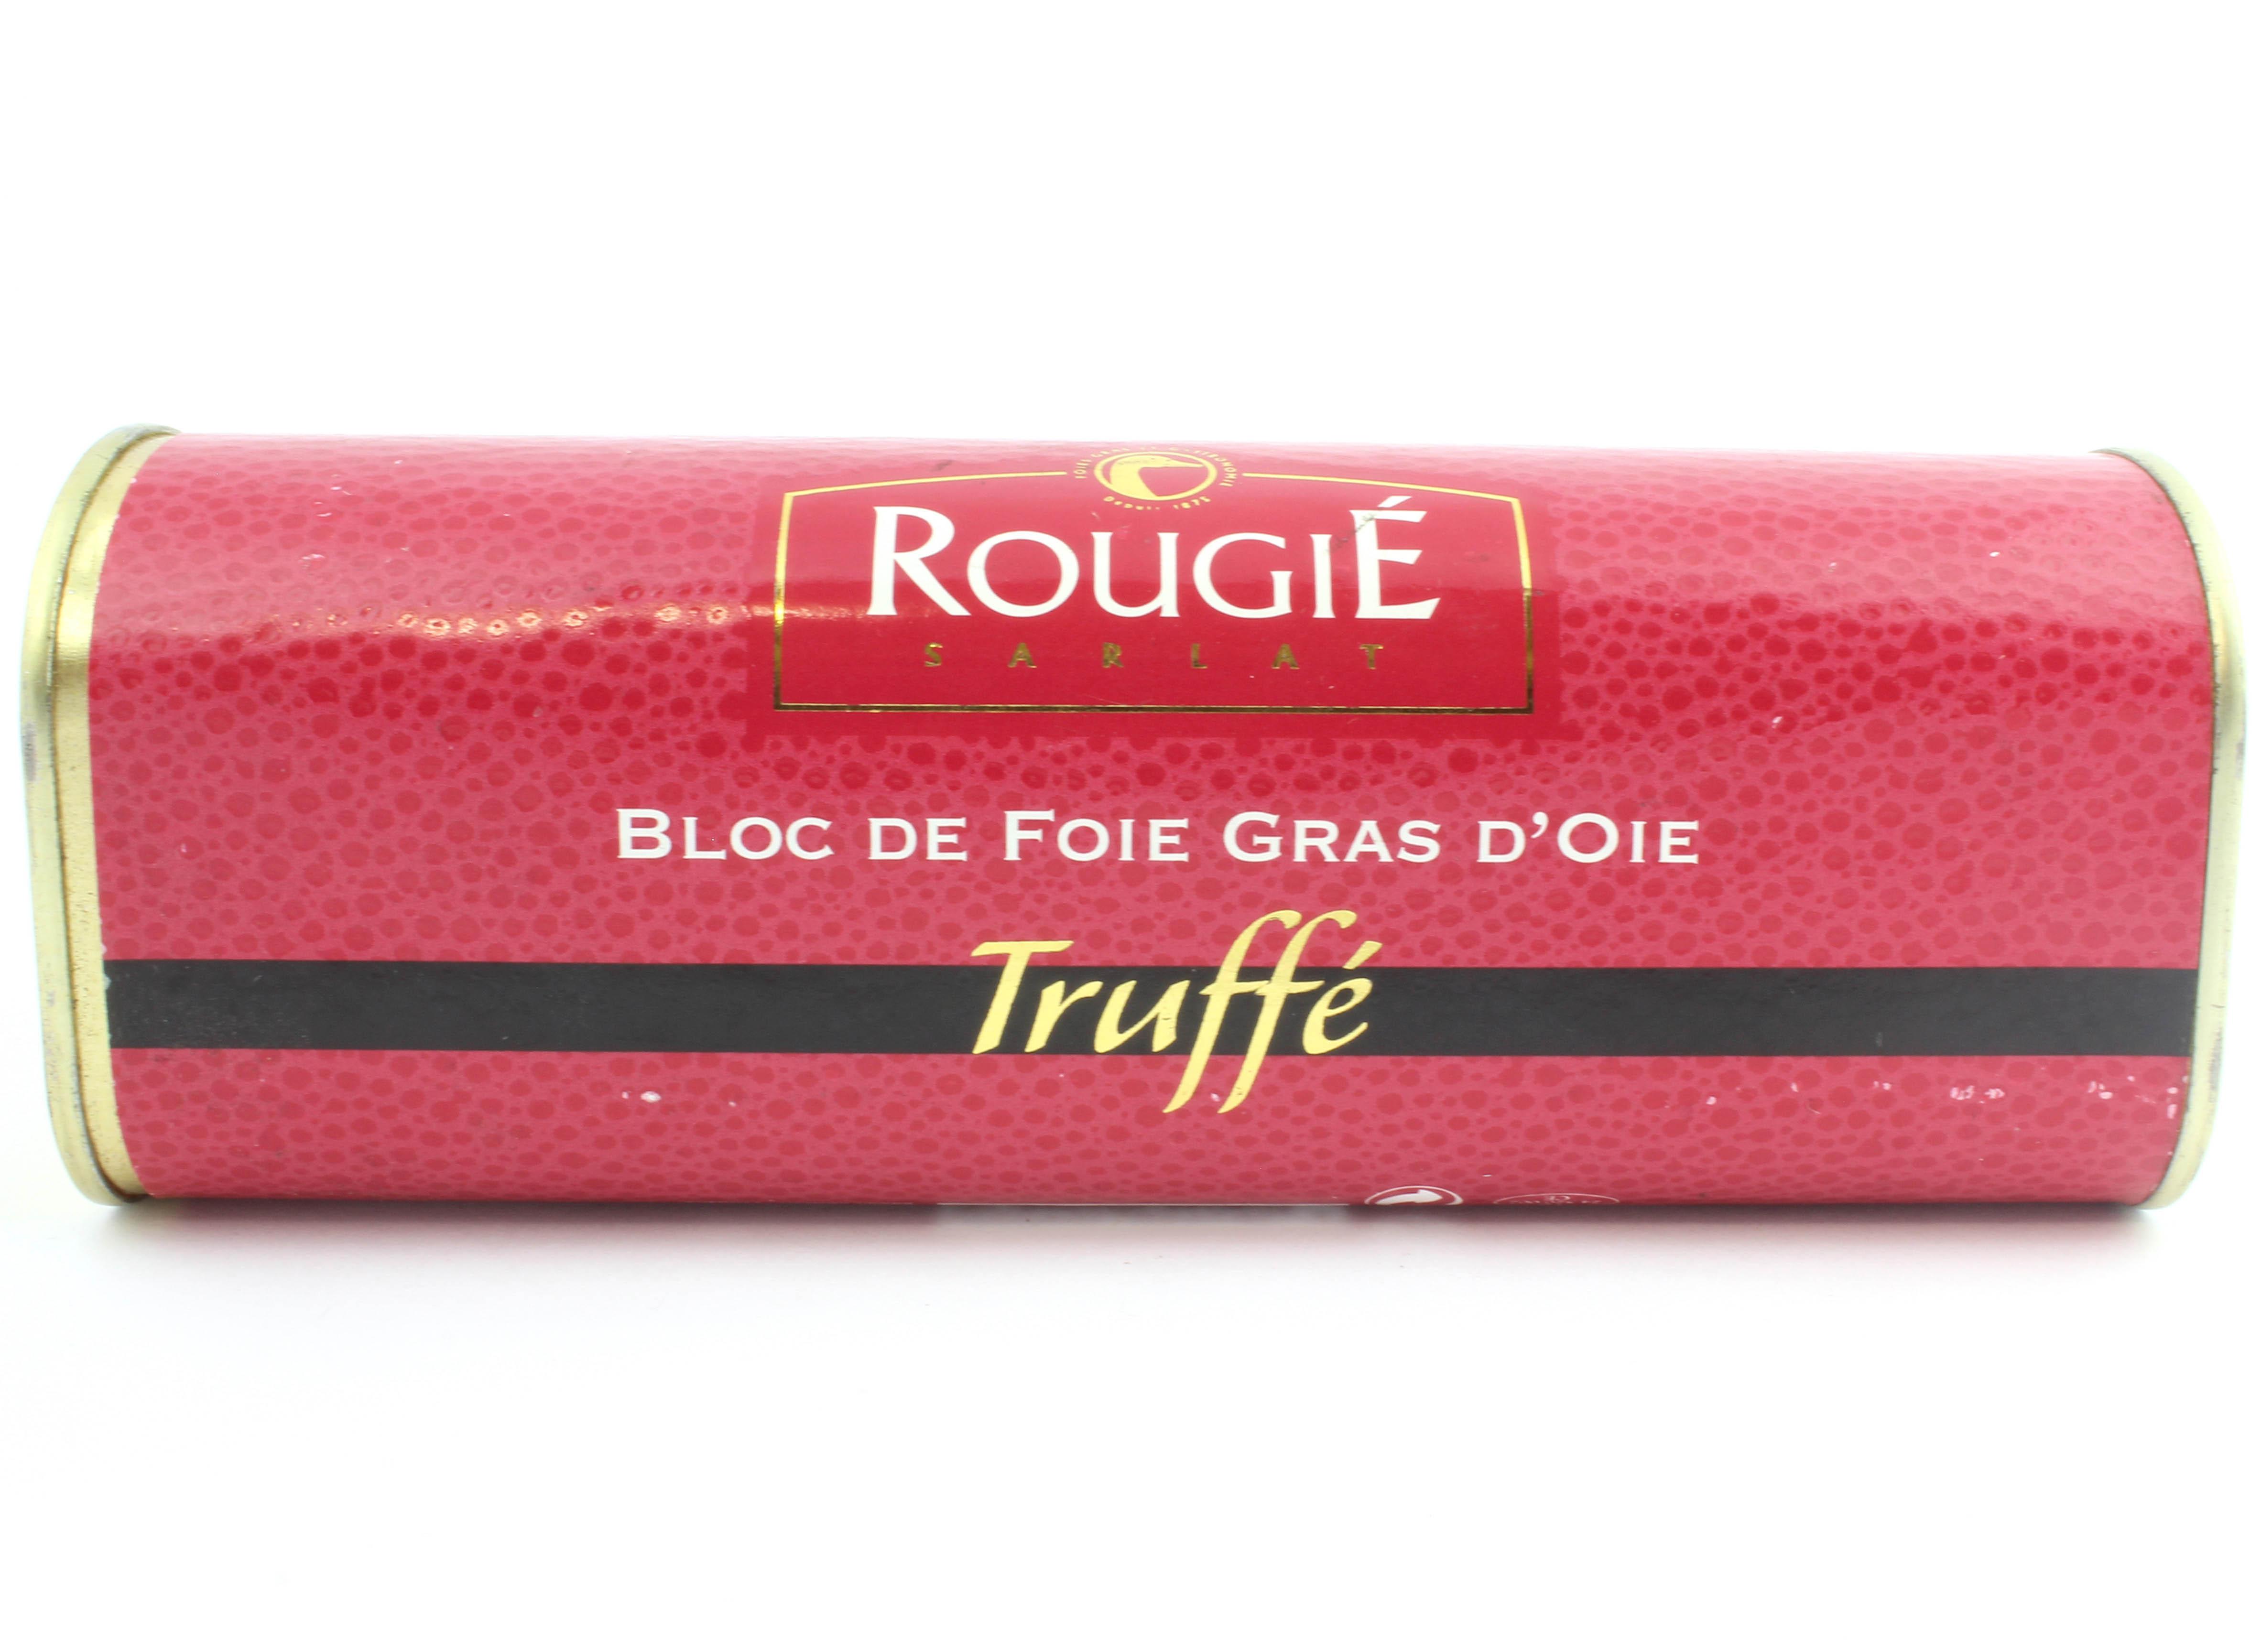 Bloc de Foie Gras d'oie Truffle 210g